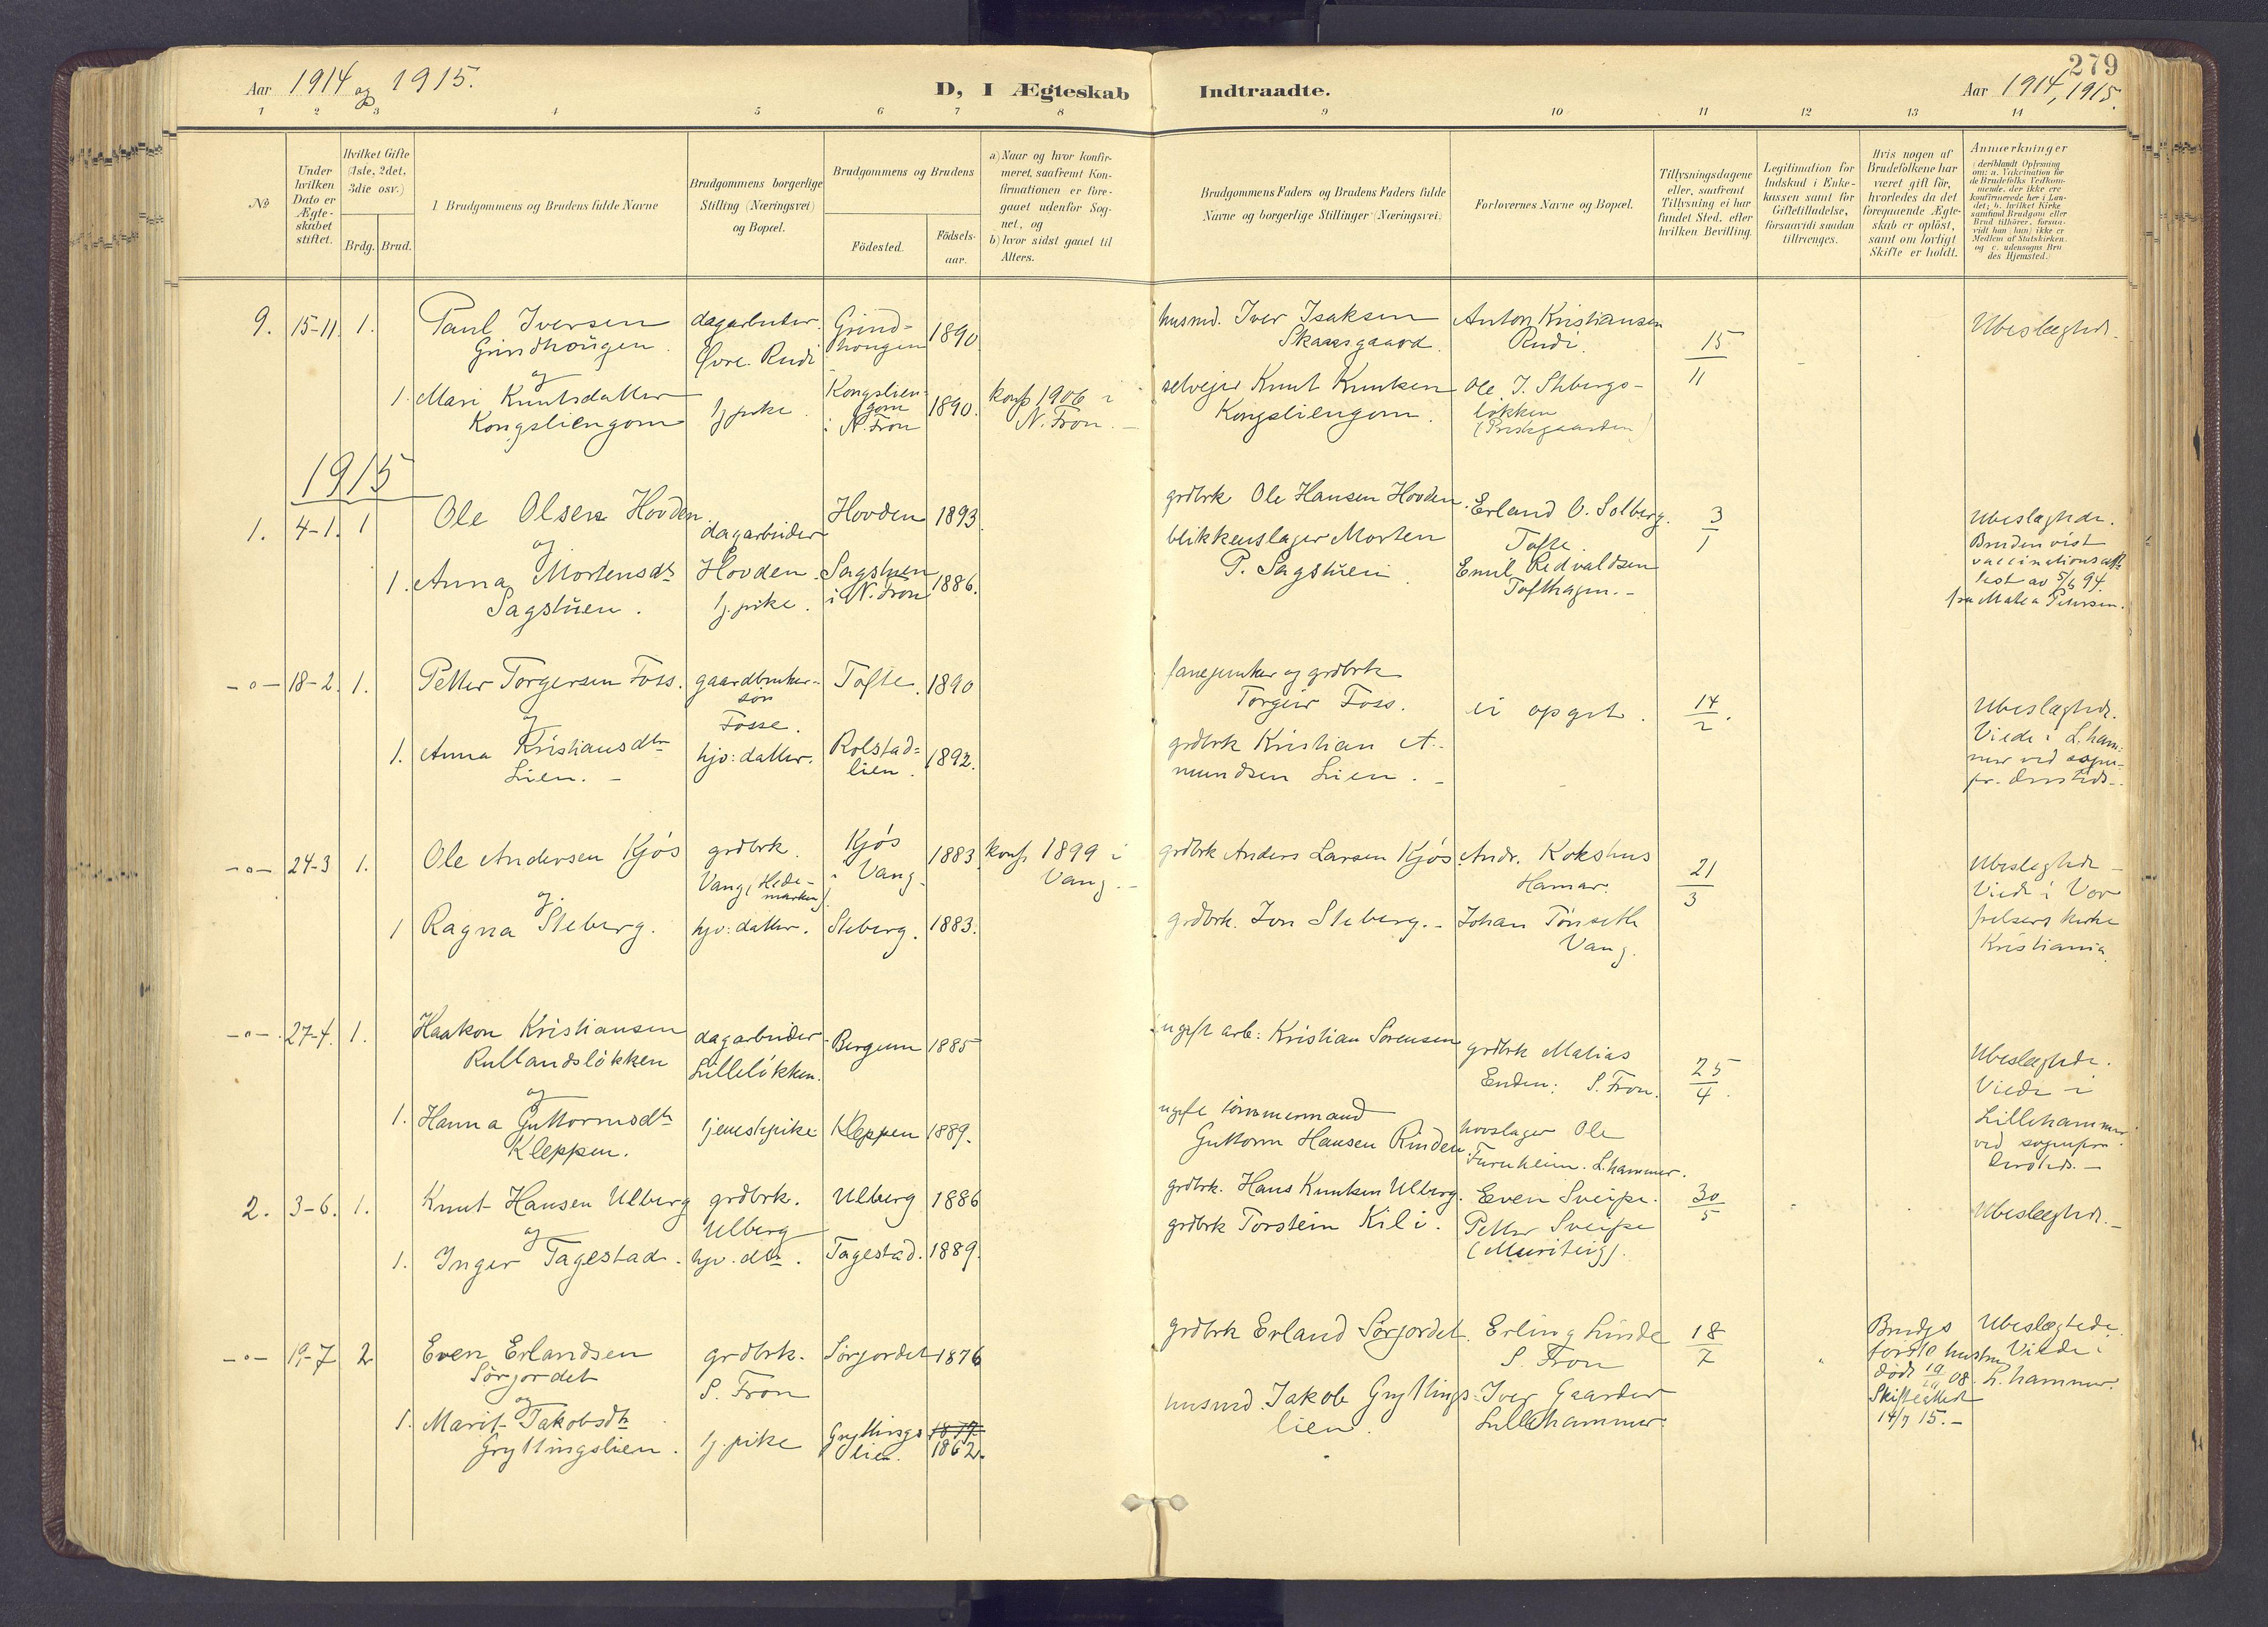 SAH, Sør-Fron prestekontor, H/Ha/Haa/L0004: Ministerialbok nr. 4, 1898-1919, s. 279